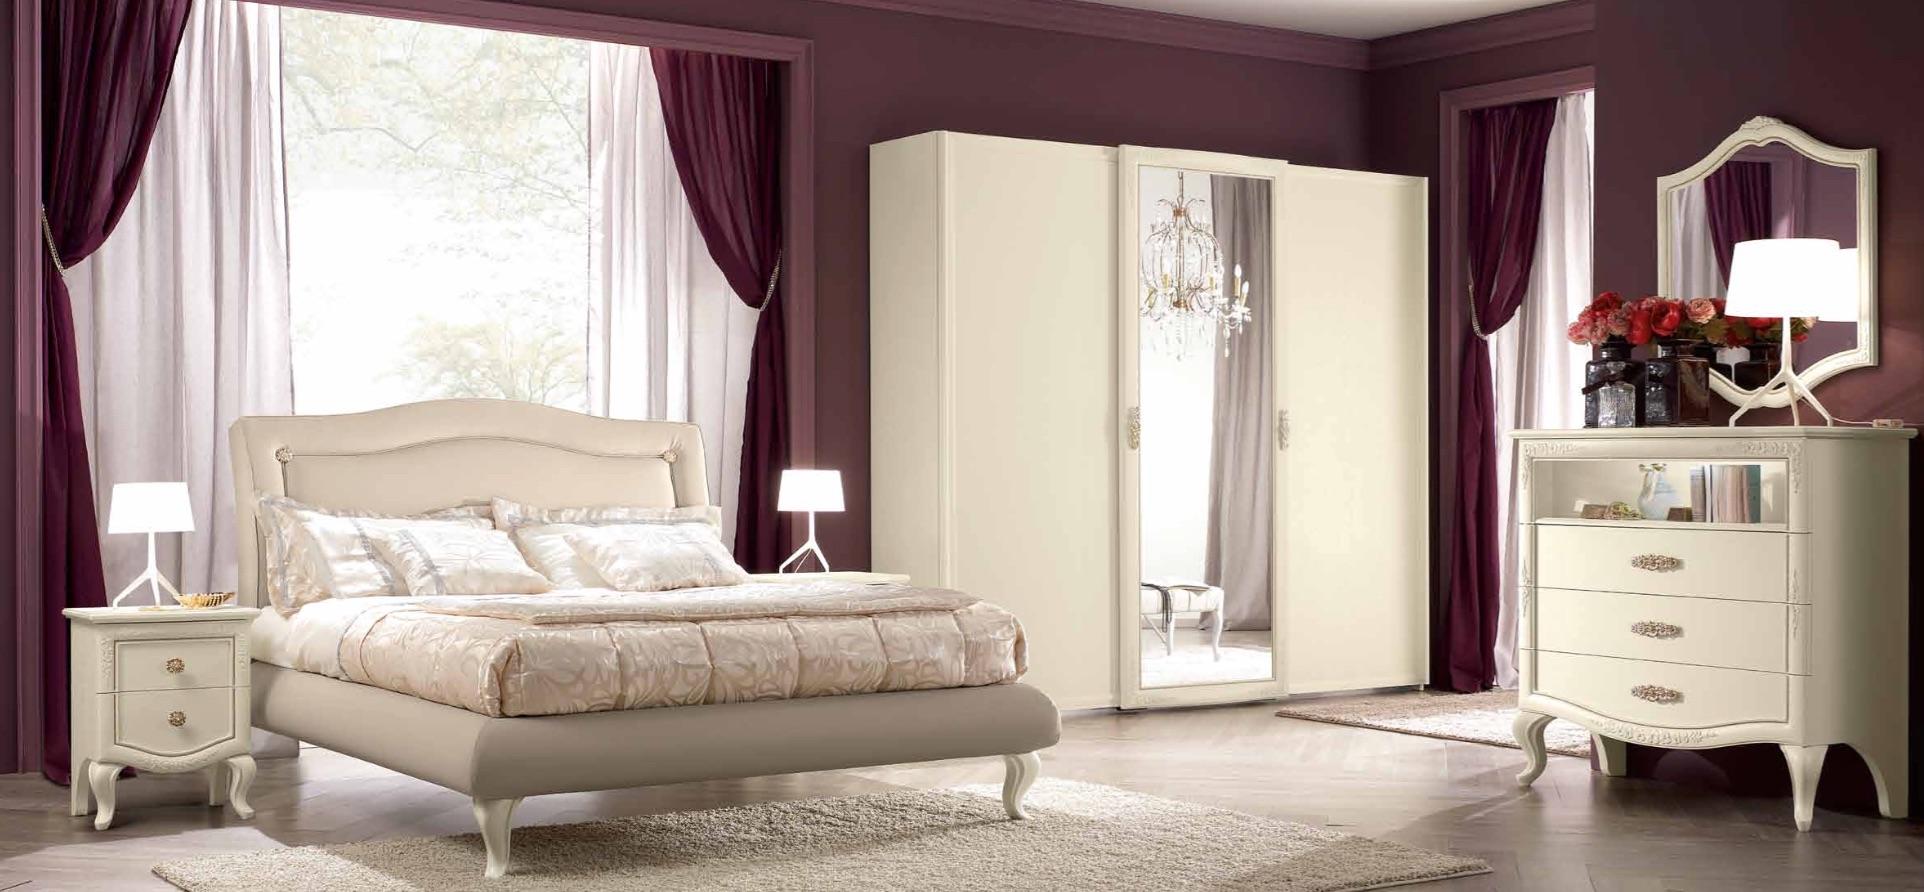 Camerette per ragazzi tutto mobili arredamento camere - Mobili per camere ...